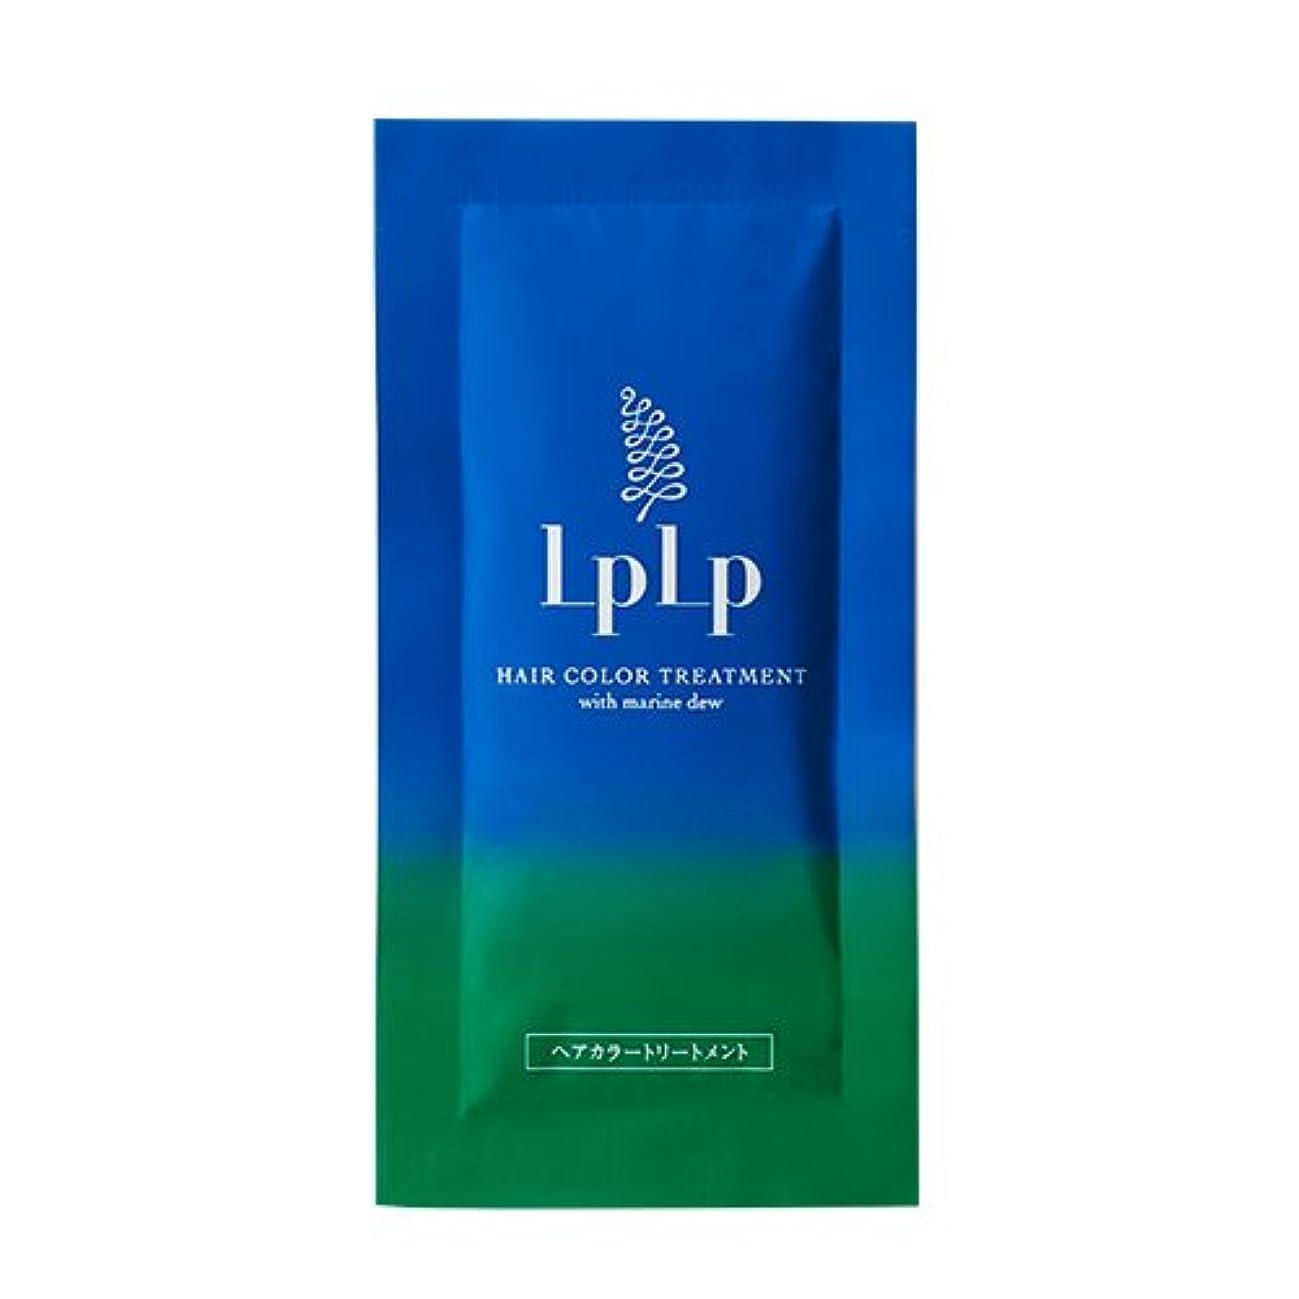 こしょう動簡略化するLPLP(ルプルプ)ヘアカラートリートメントお試しパウチ ブラウン